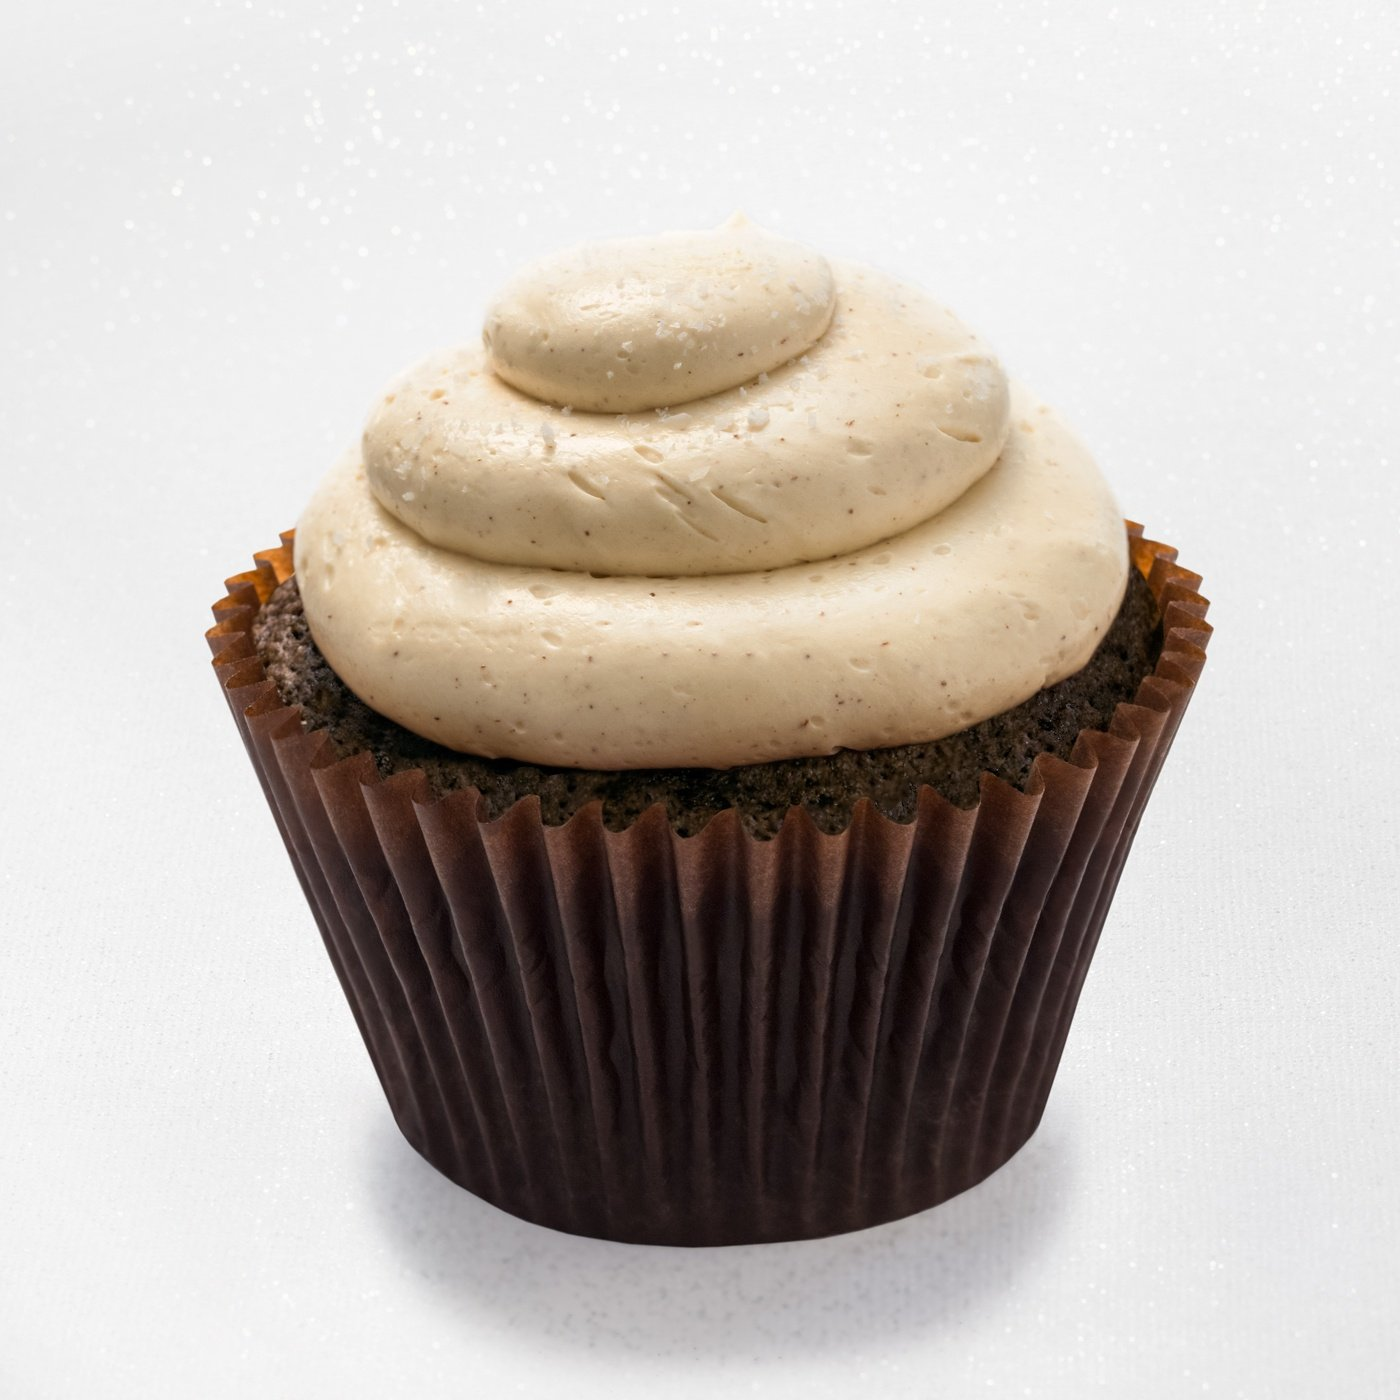 Salted caramel brownie - brownie cupcake